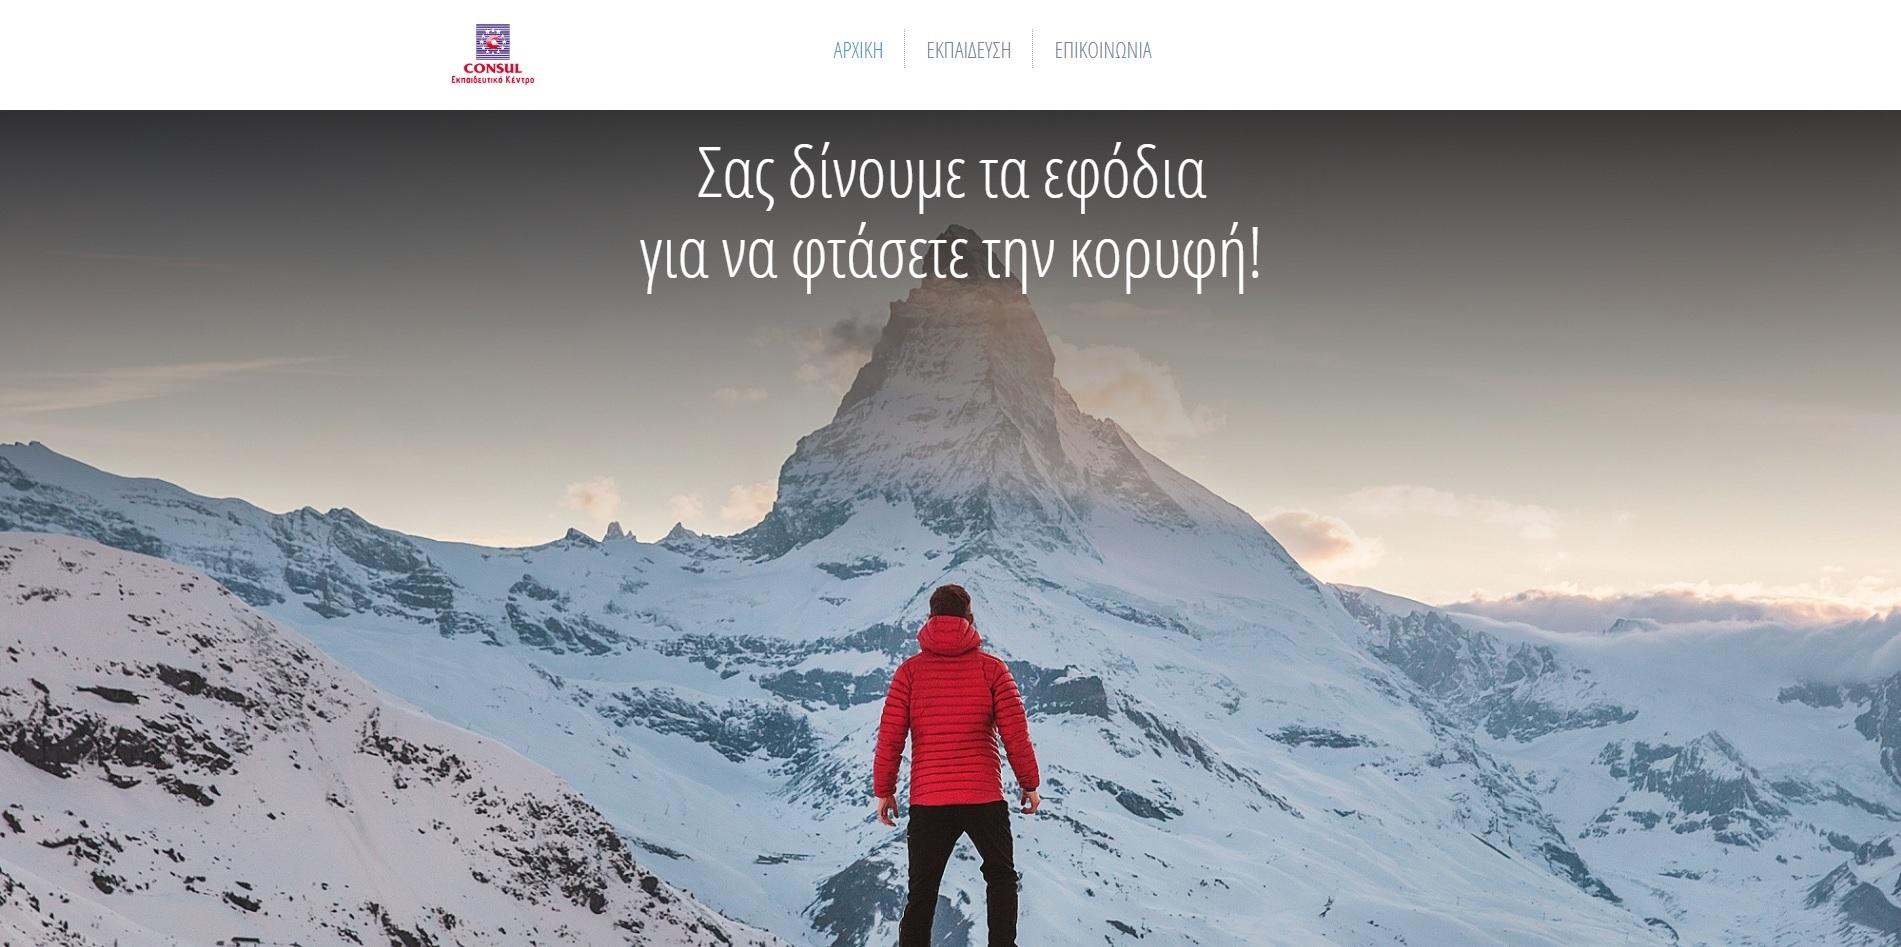 Consulkek.gr